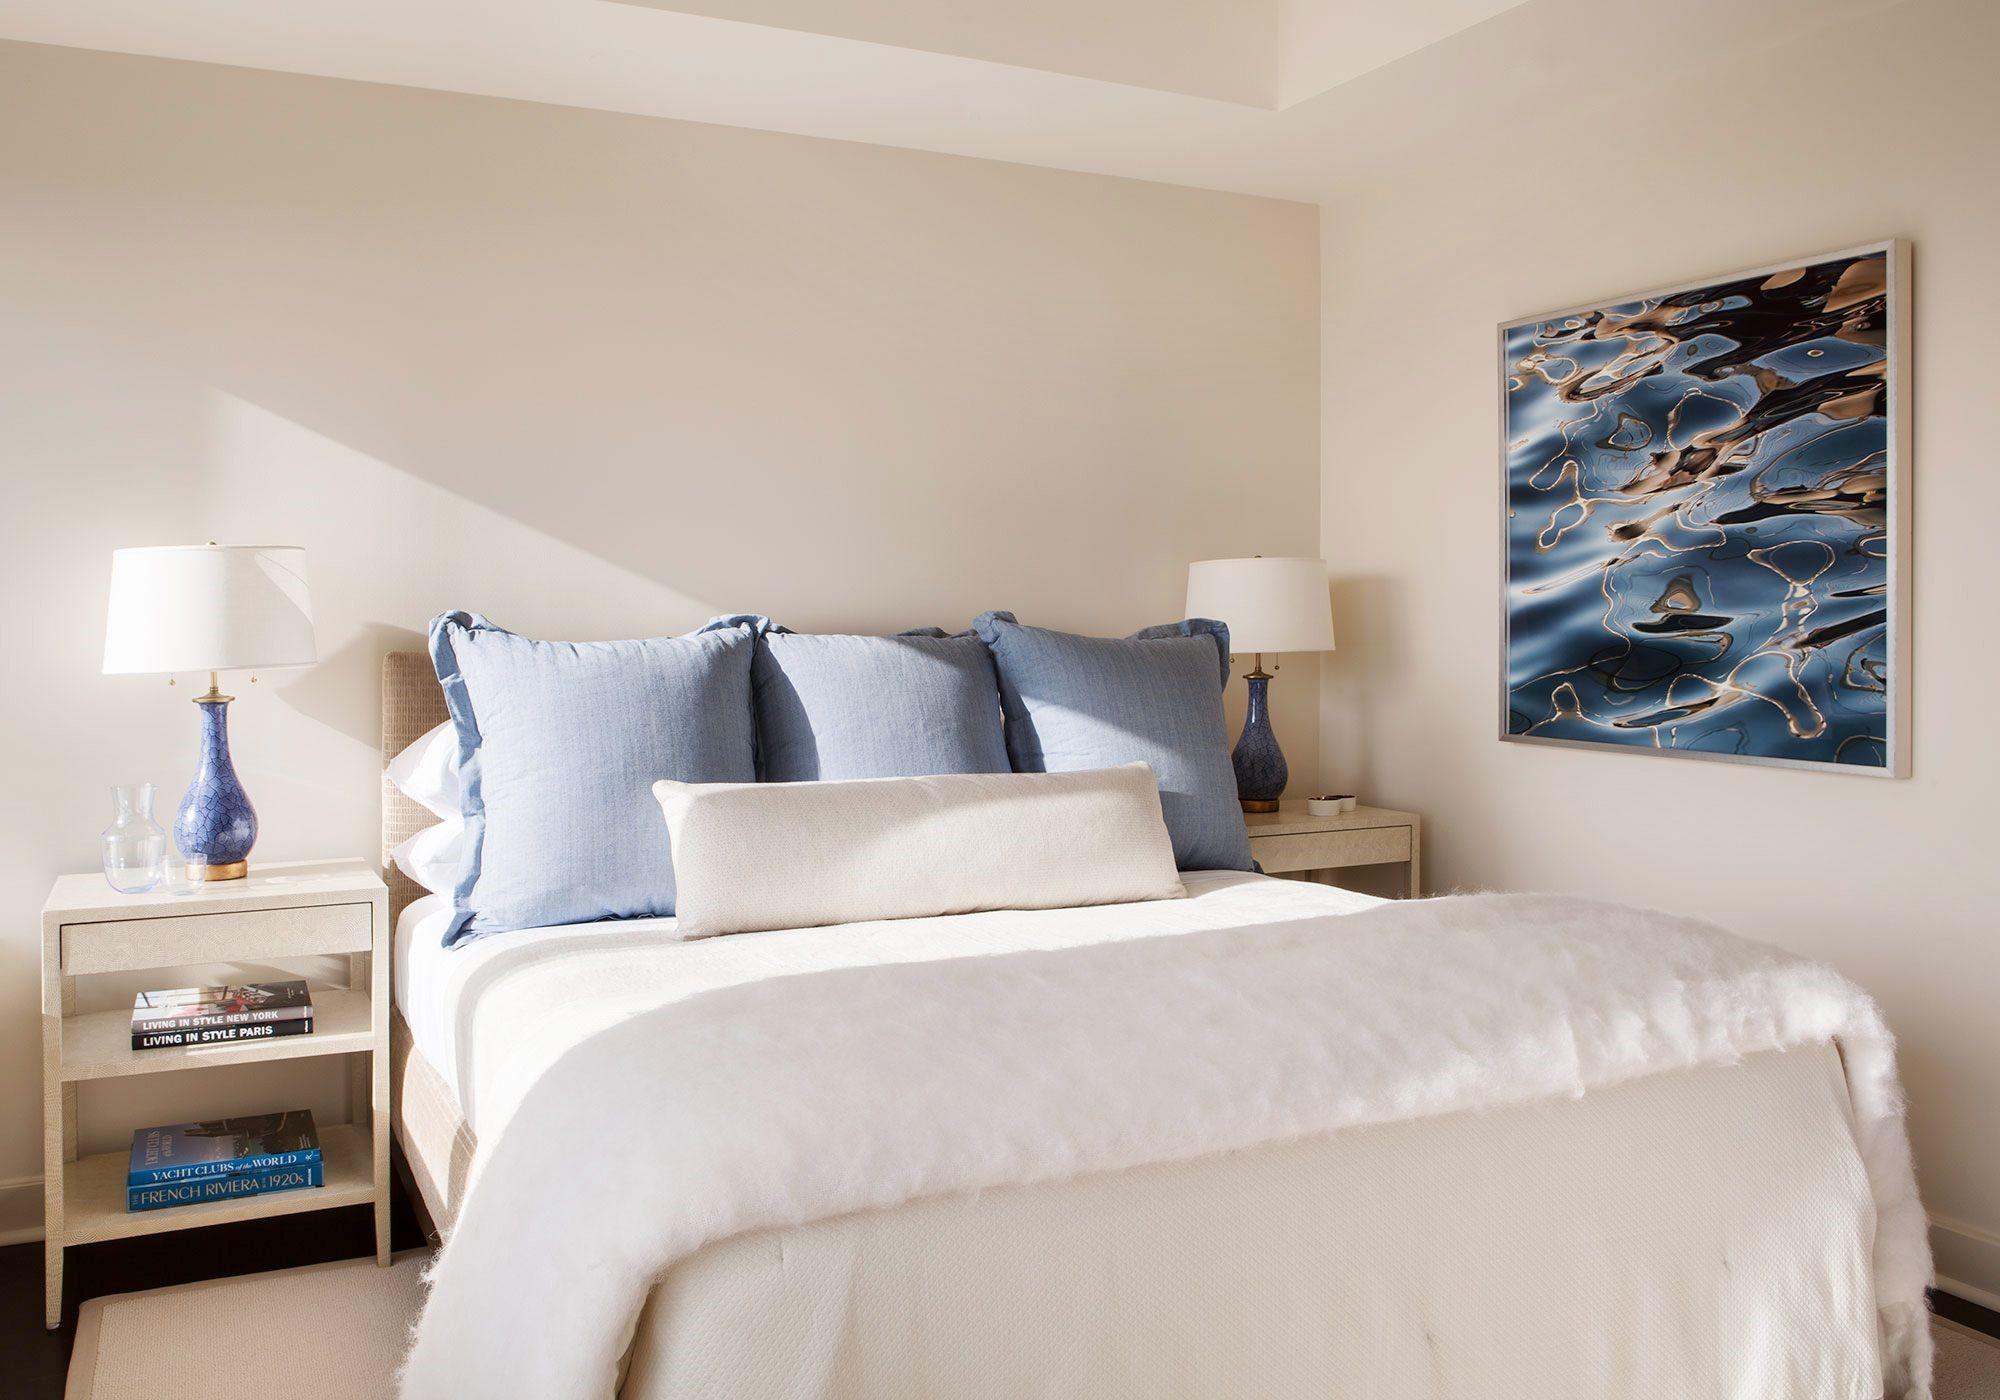 چیدمان اتاق خواب با تابلو و عکس